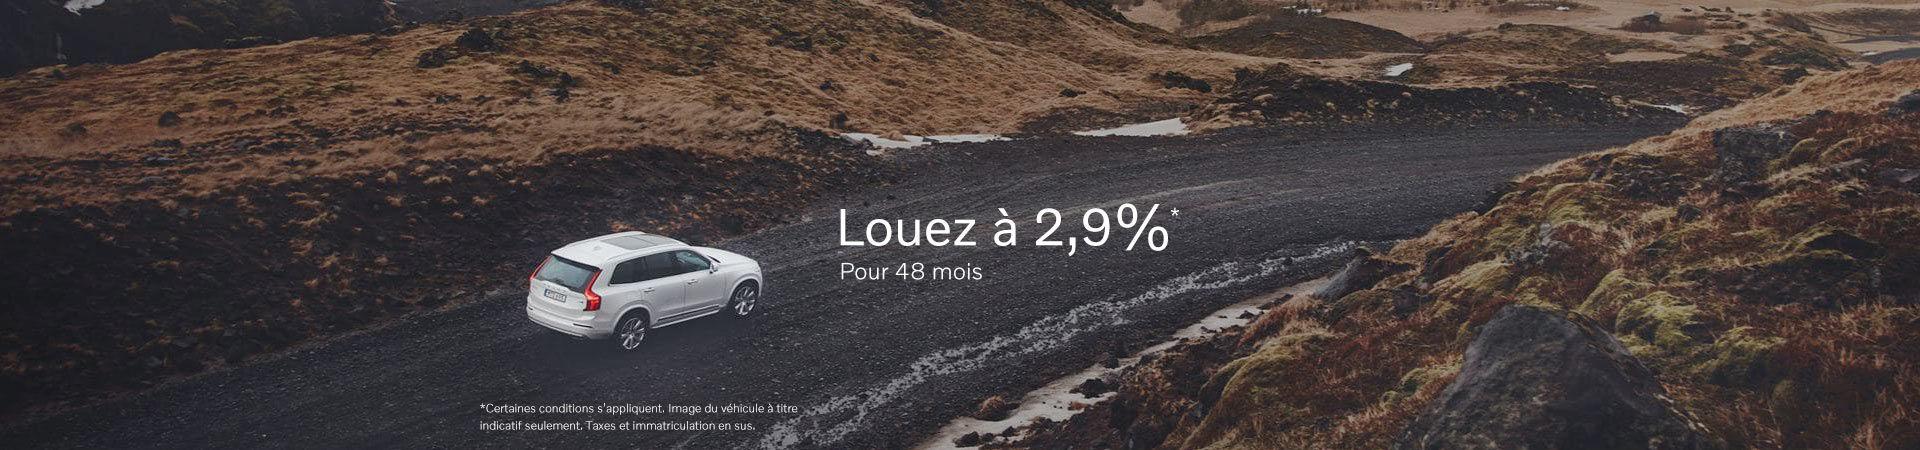 Louez à 2,9%